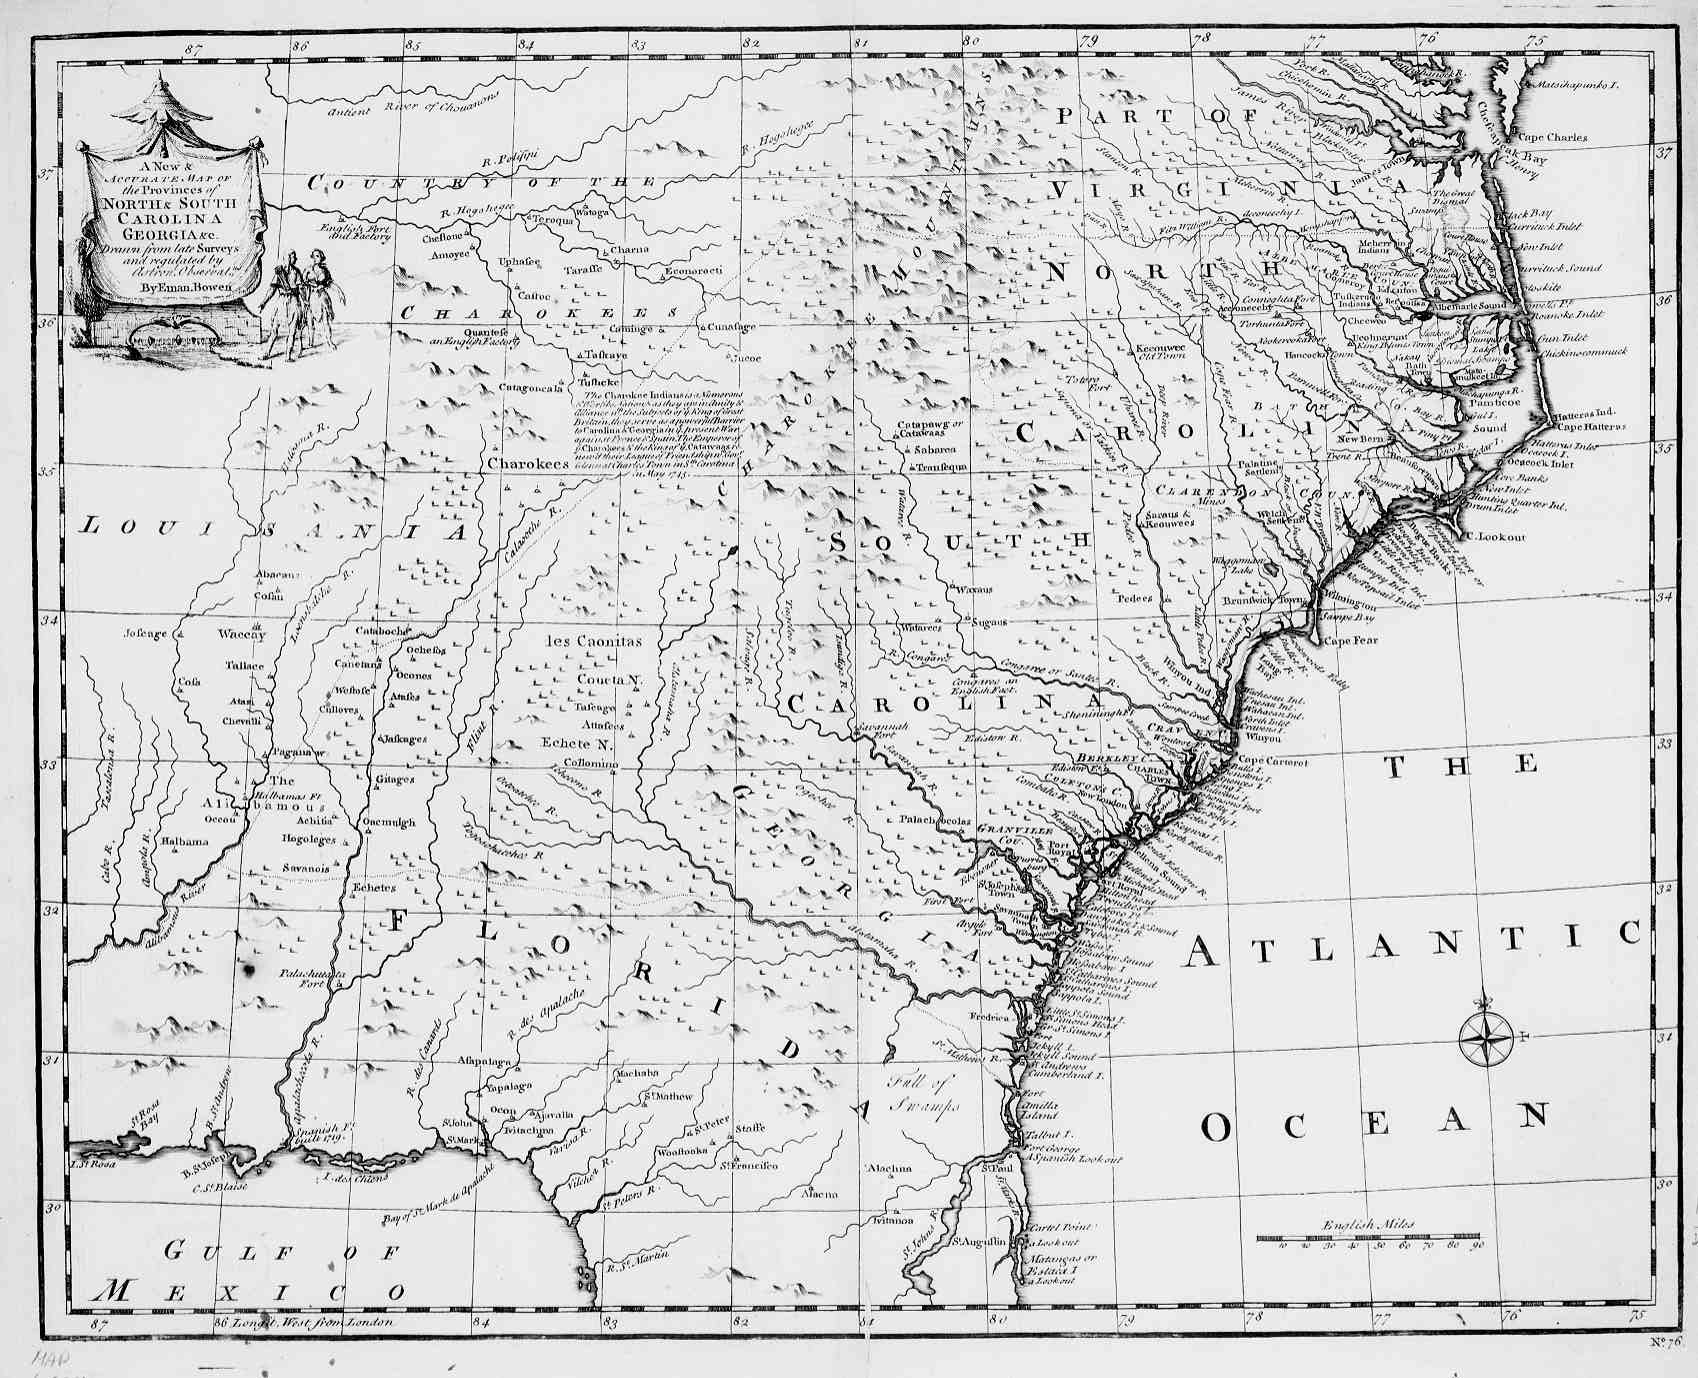 Map Of The Carolinas And Georgia English - Georgia map in english